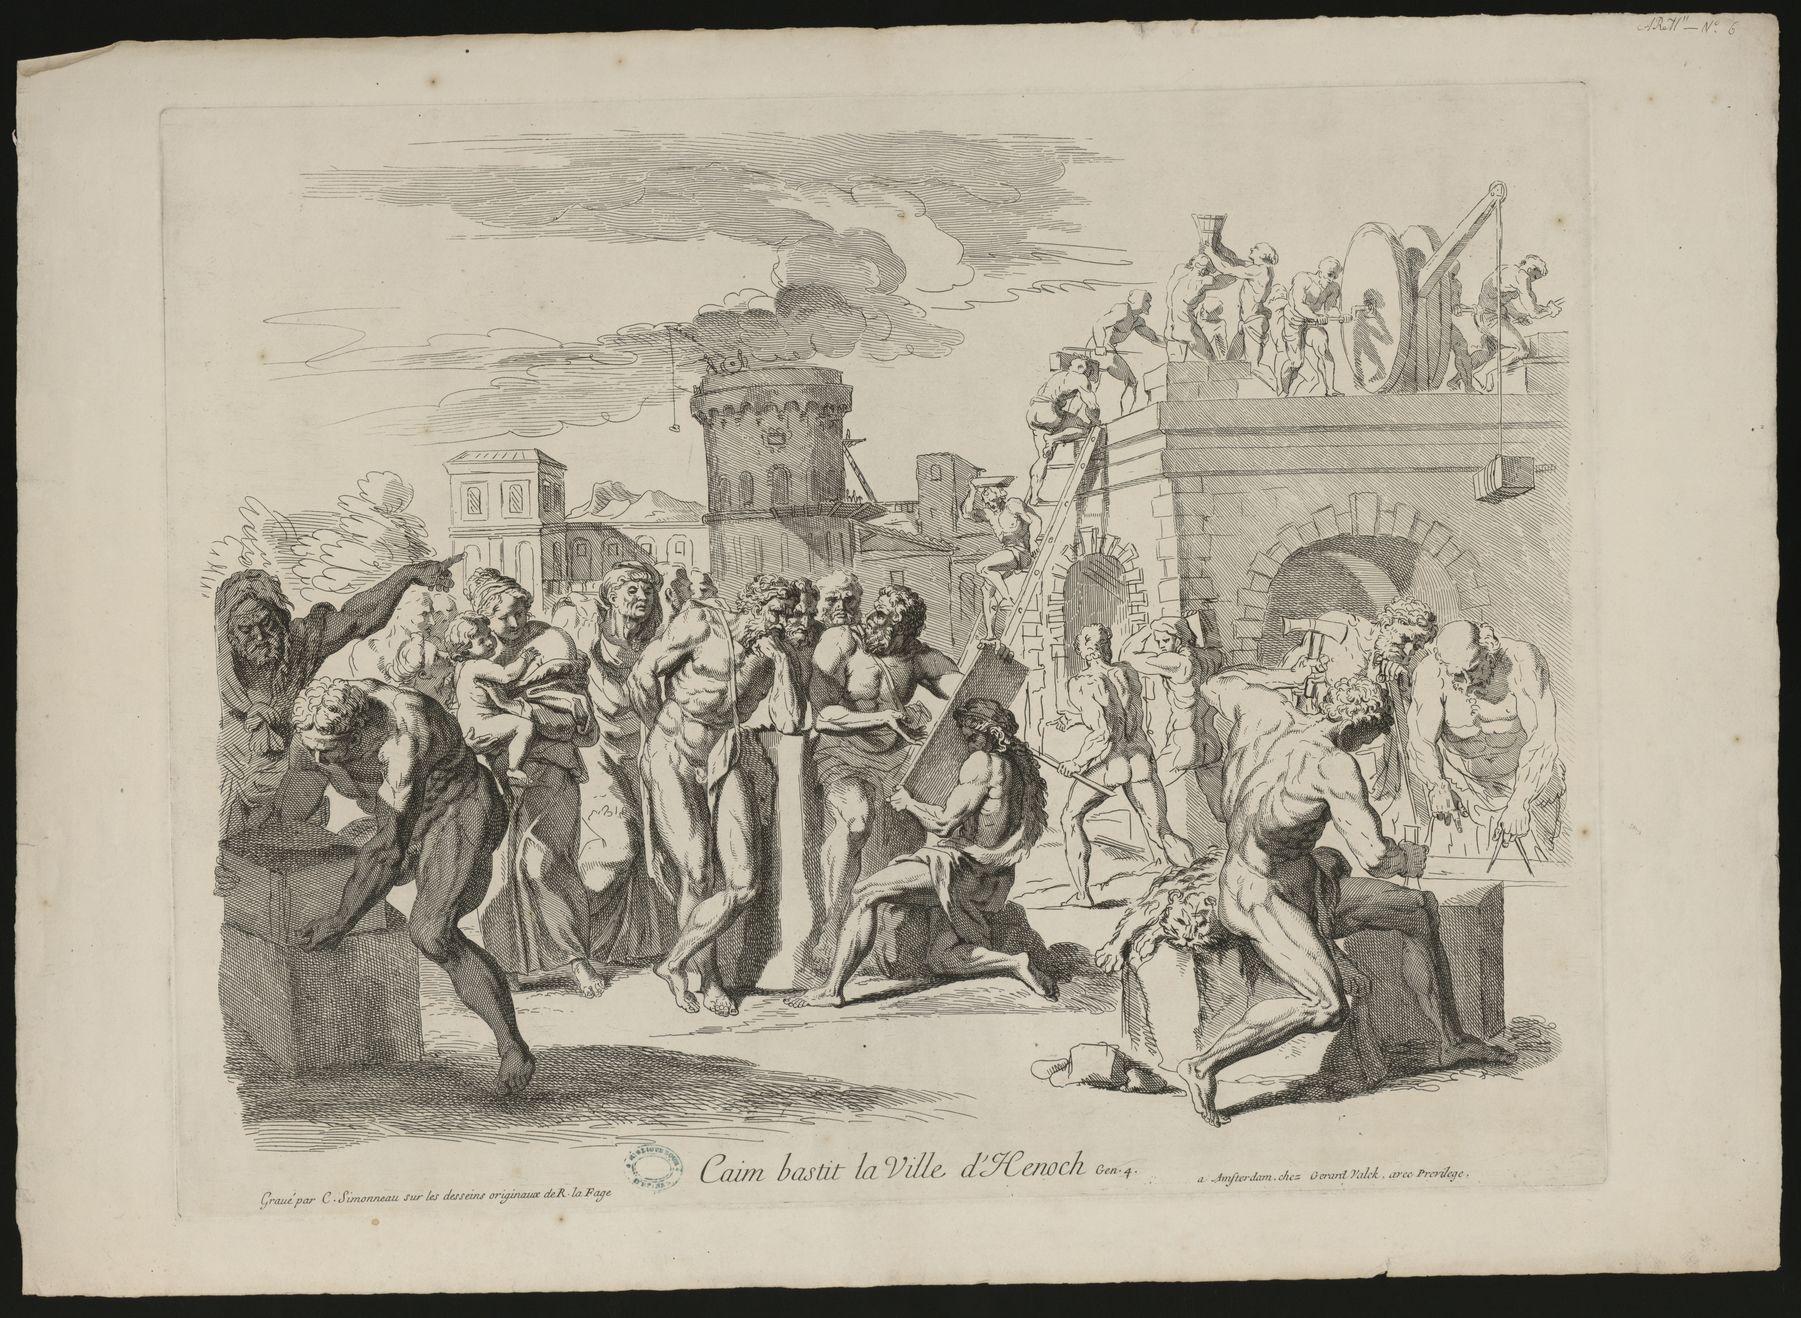 Contenu du Caim bastit la ville d'Henoch